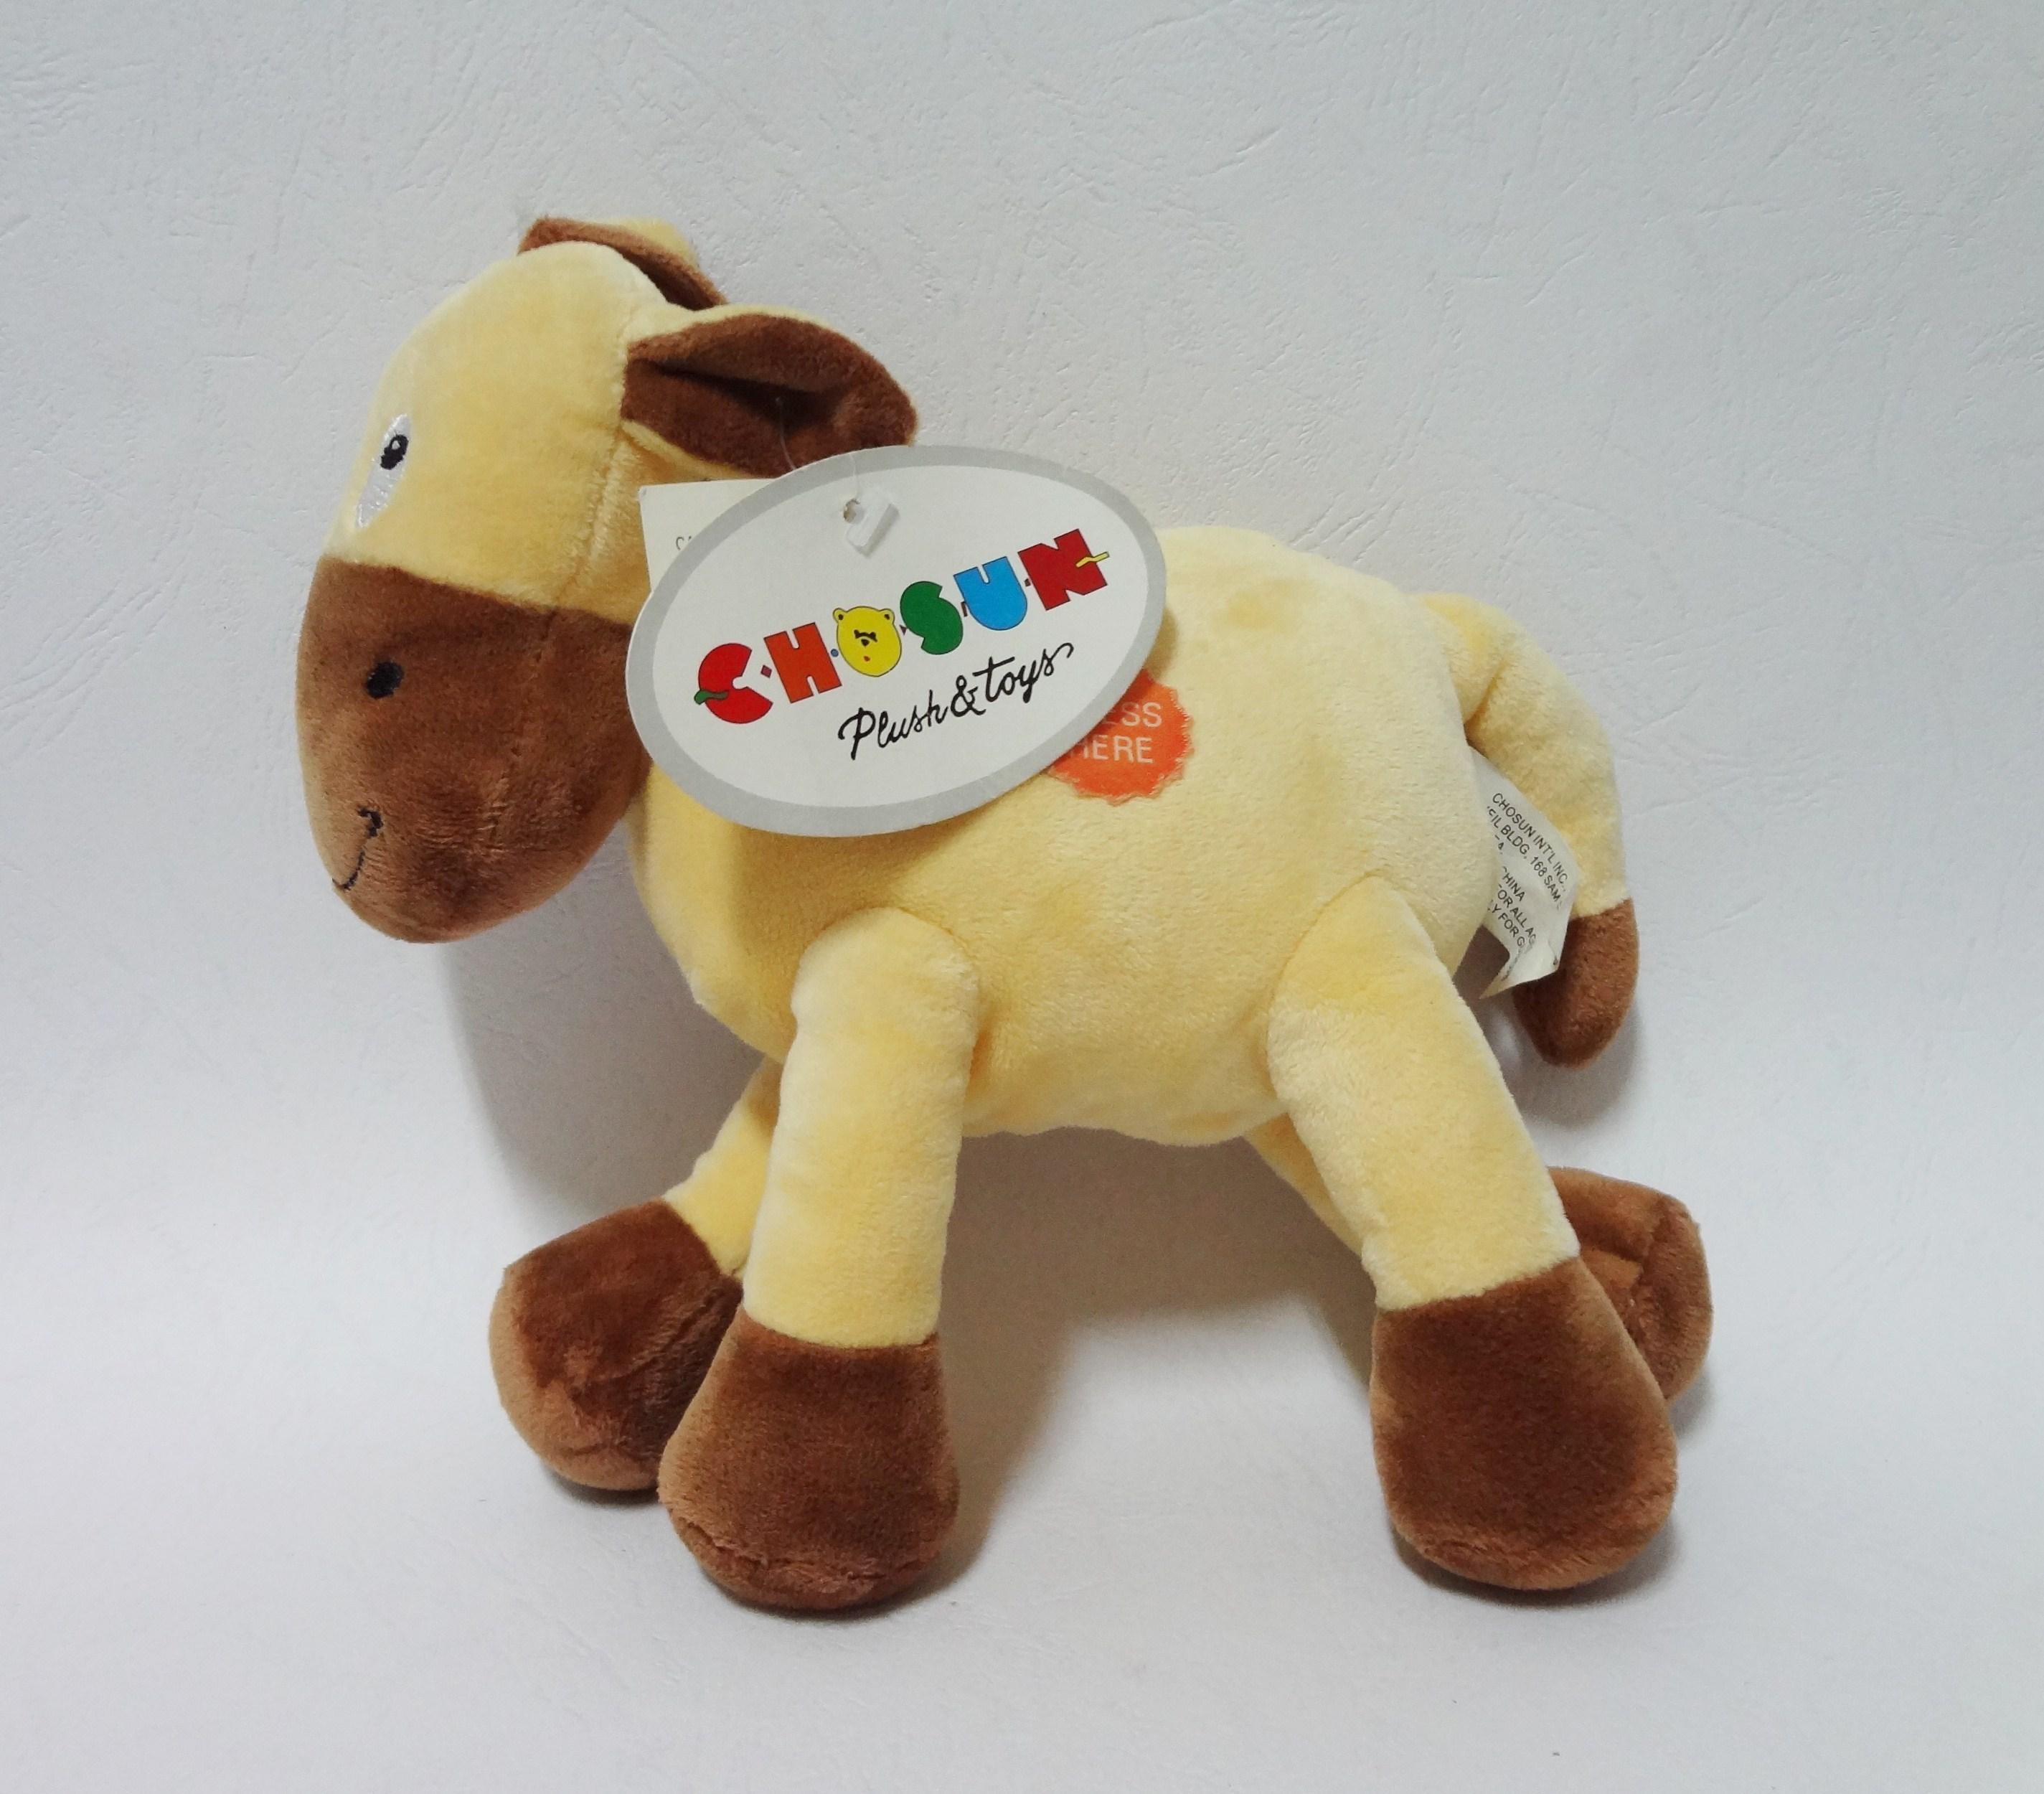 ตุ๊กตาวัว ยี่ห้อ Chosun Plush & Toys